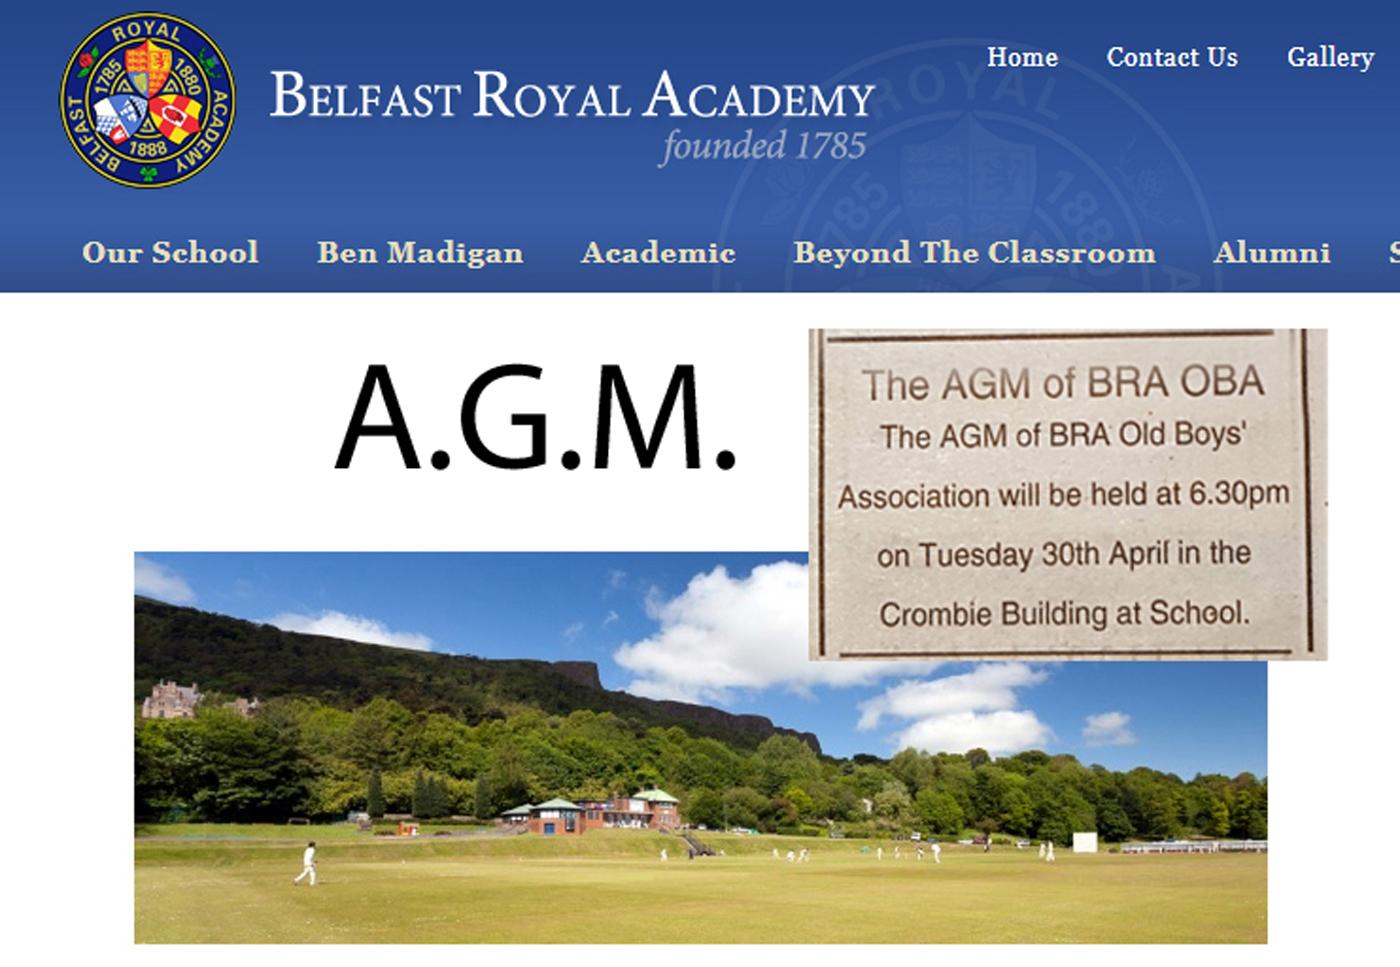 BRA OBA AGM Notice Resized.jpg